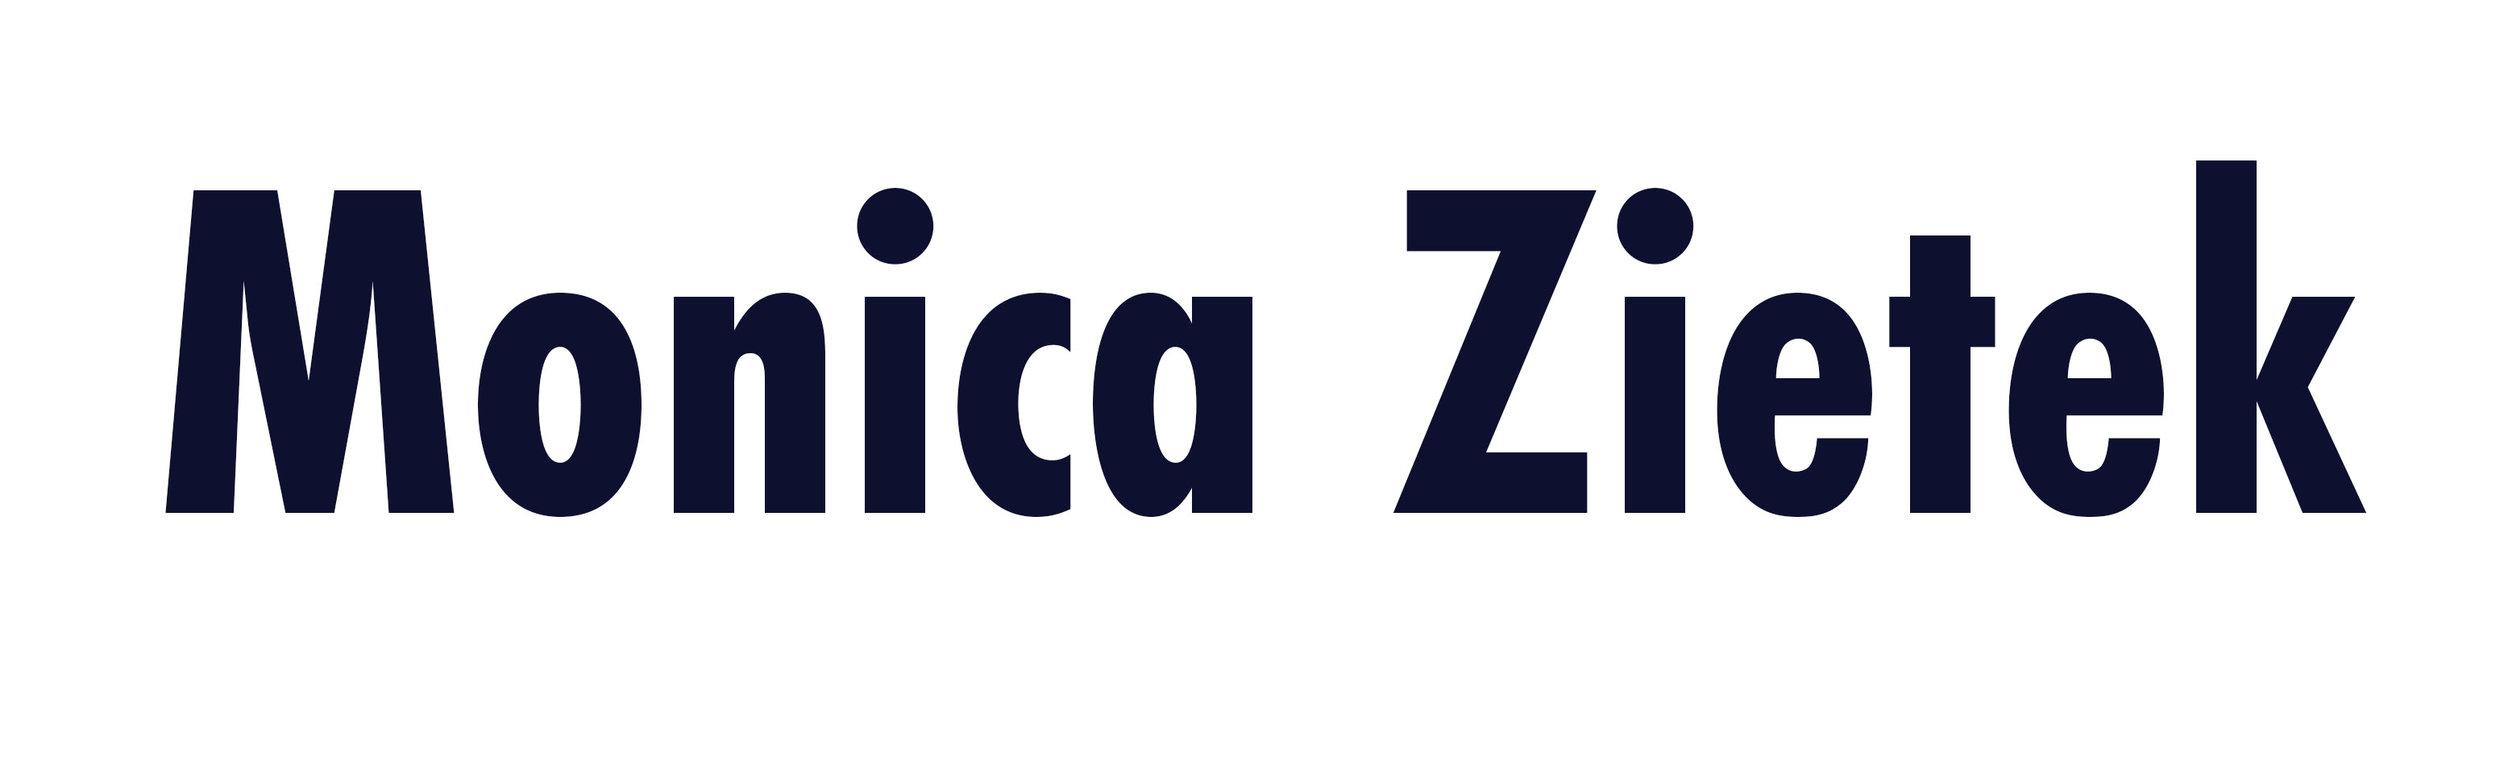 Monica Z Logo.jpg